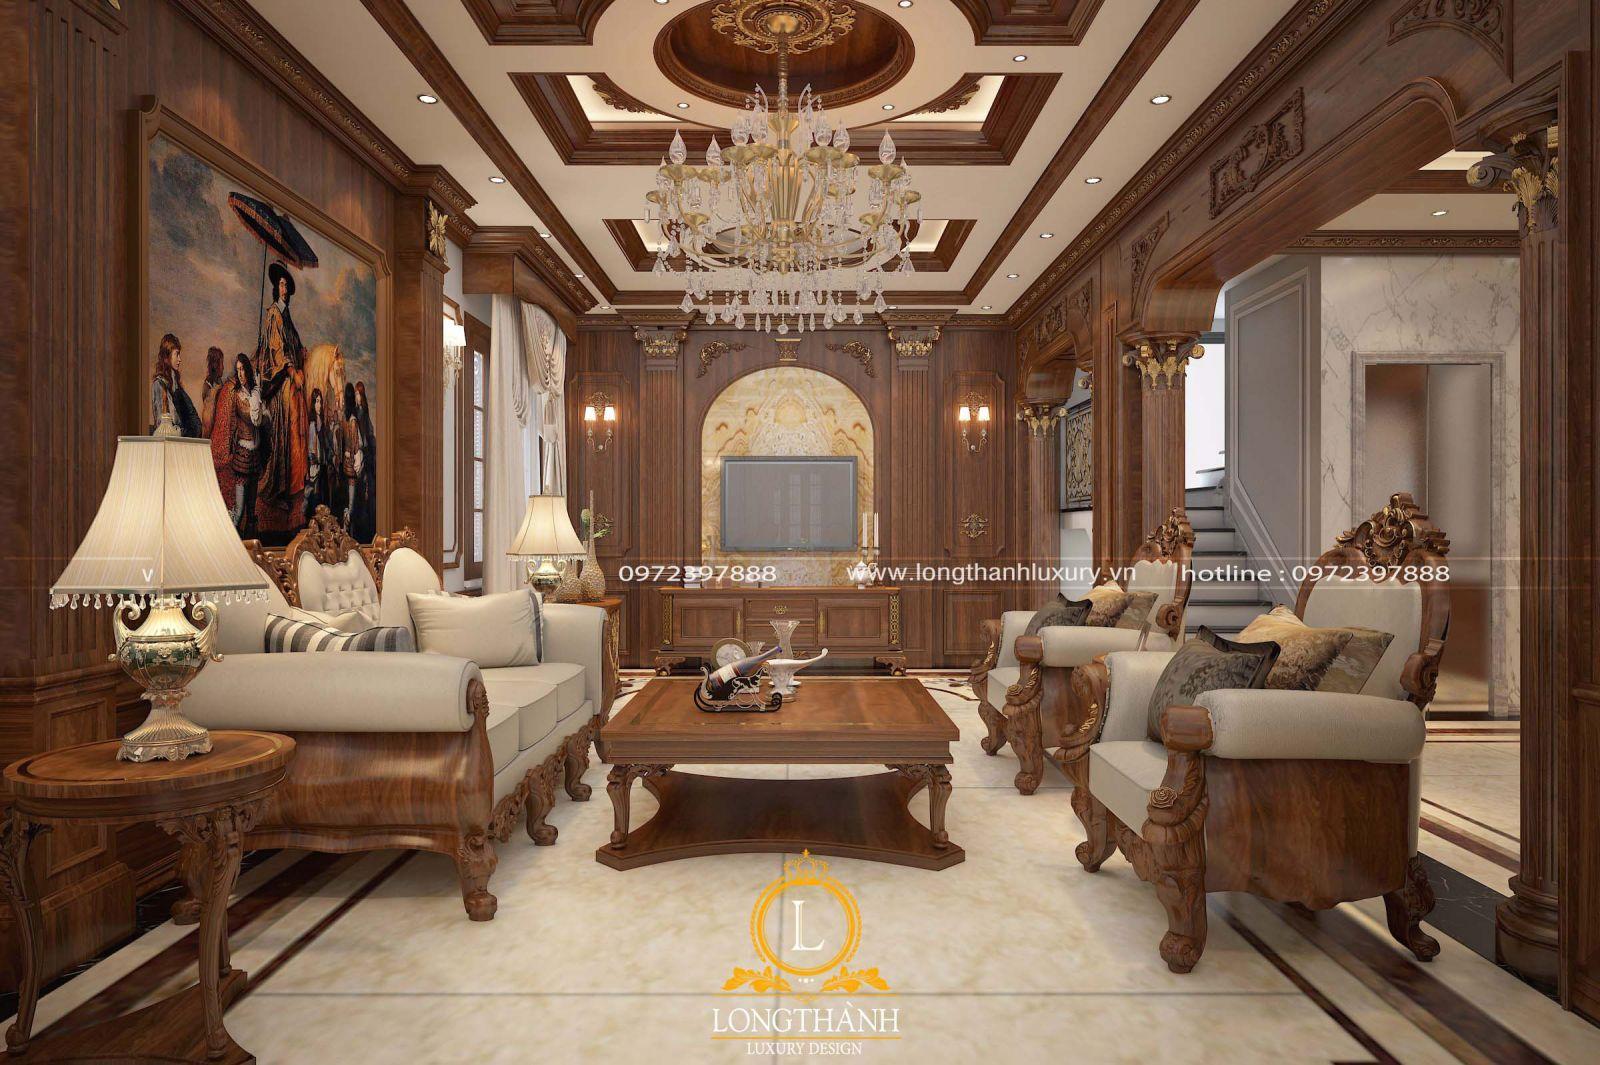 Thiết kế bài trí nội thất cho không gian phòng khách của biệt thự